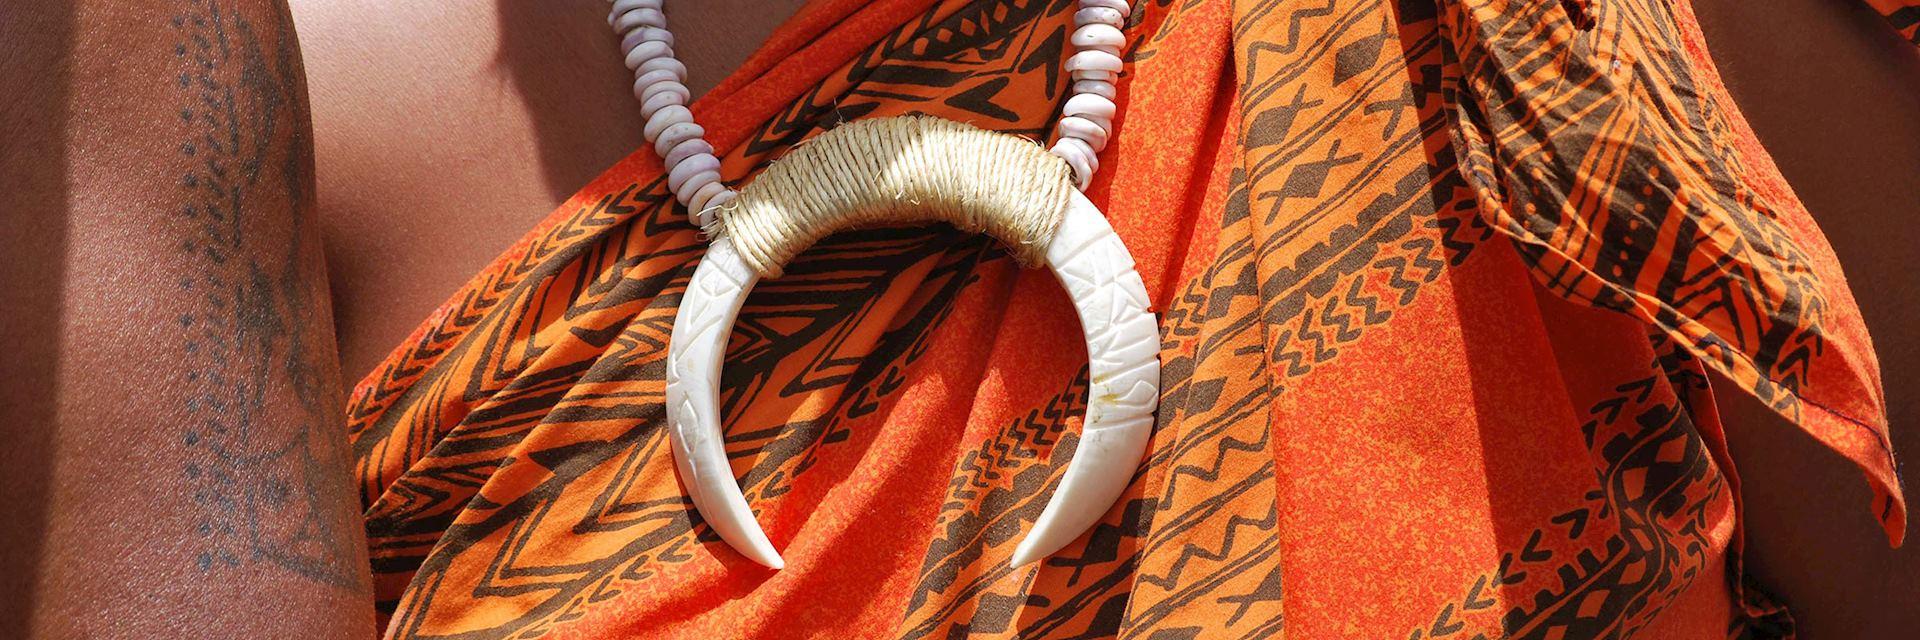 Traditional clothing, Samoa